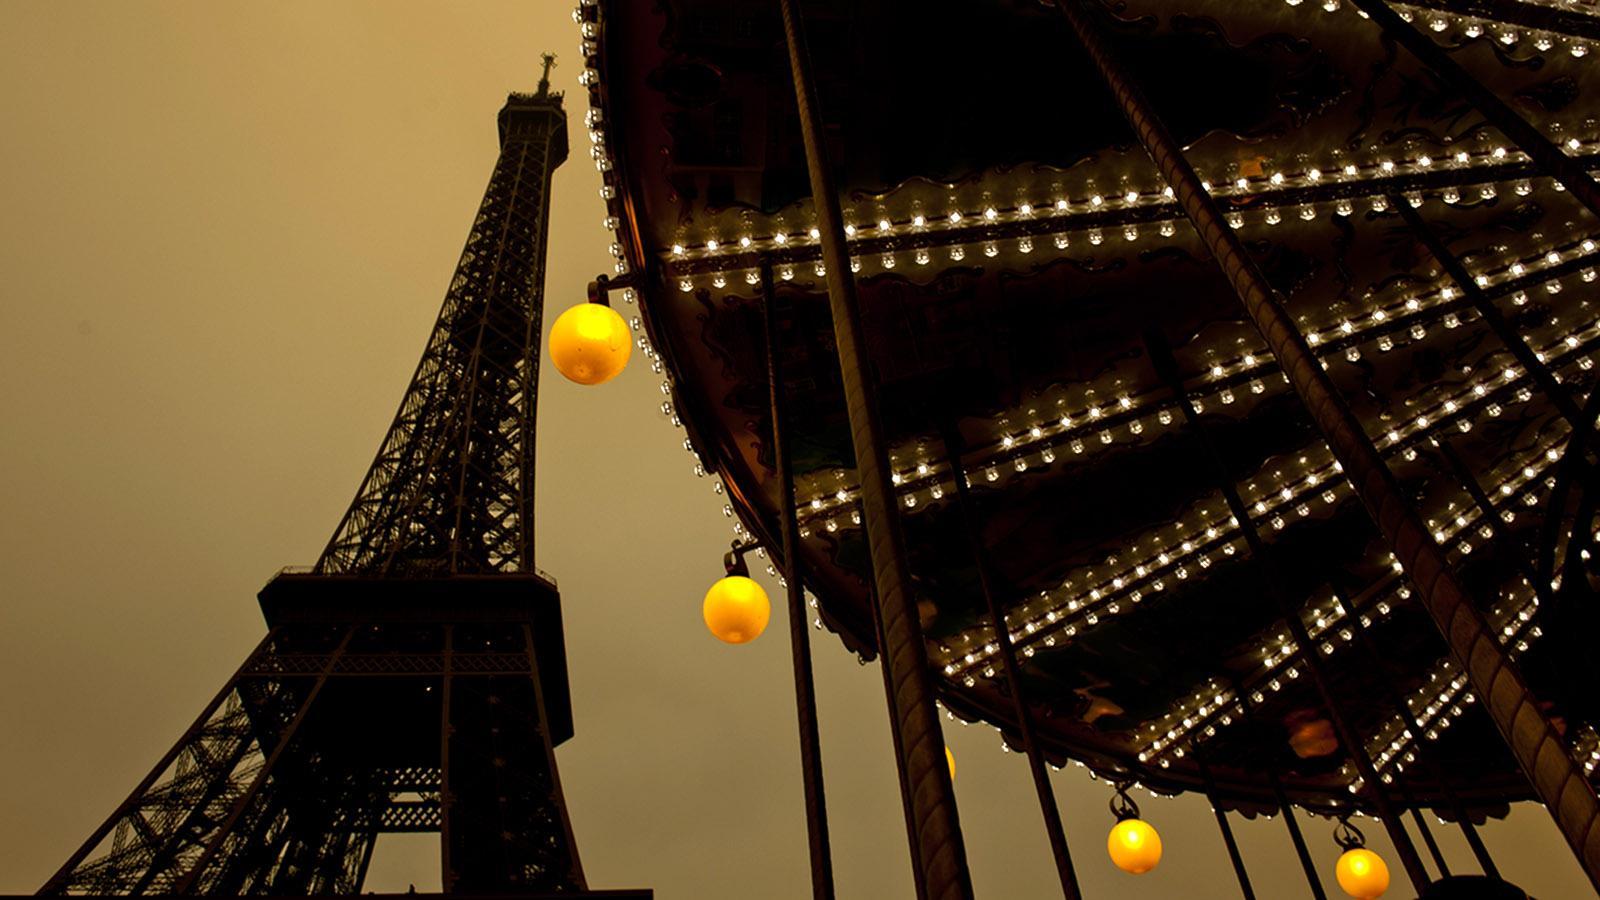 Der Eiffelturm (Tour Eiffel) am frühen Abend. Zu seinen Füßen dreht ein Karussell seine Runden. Foto: Hilke Maunder